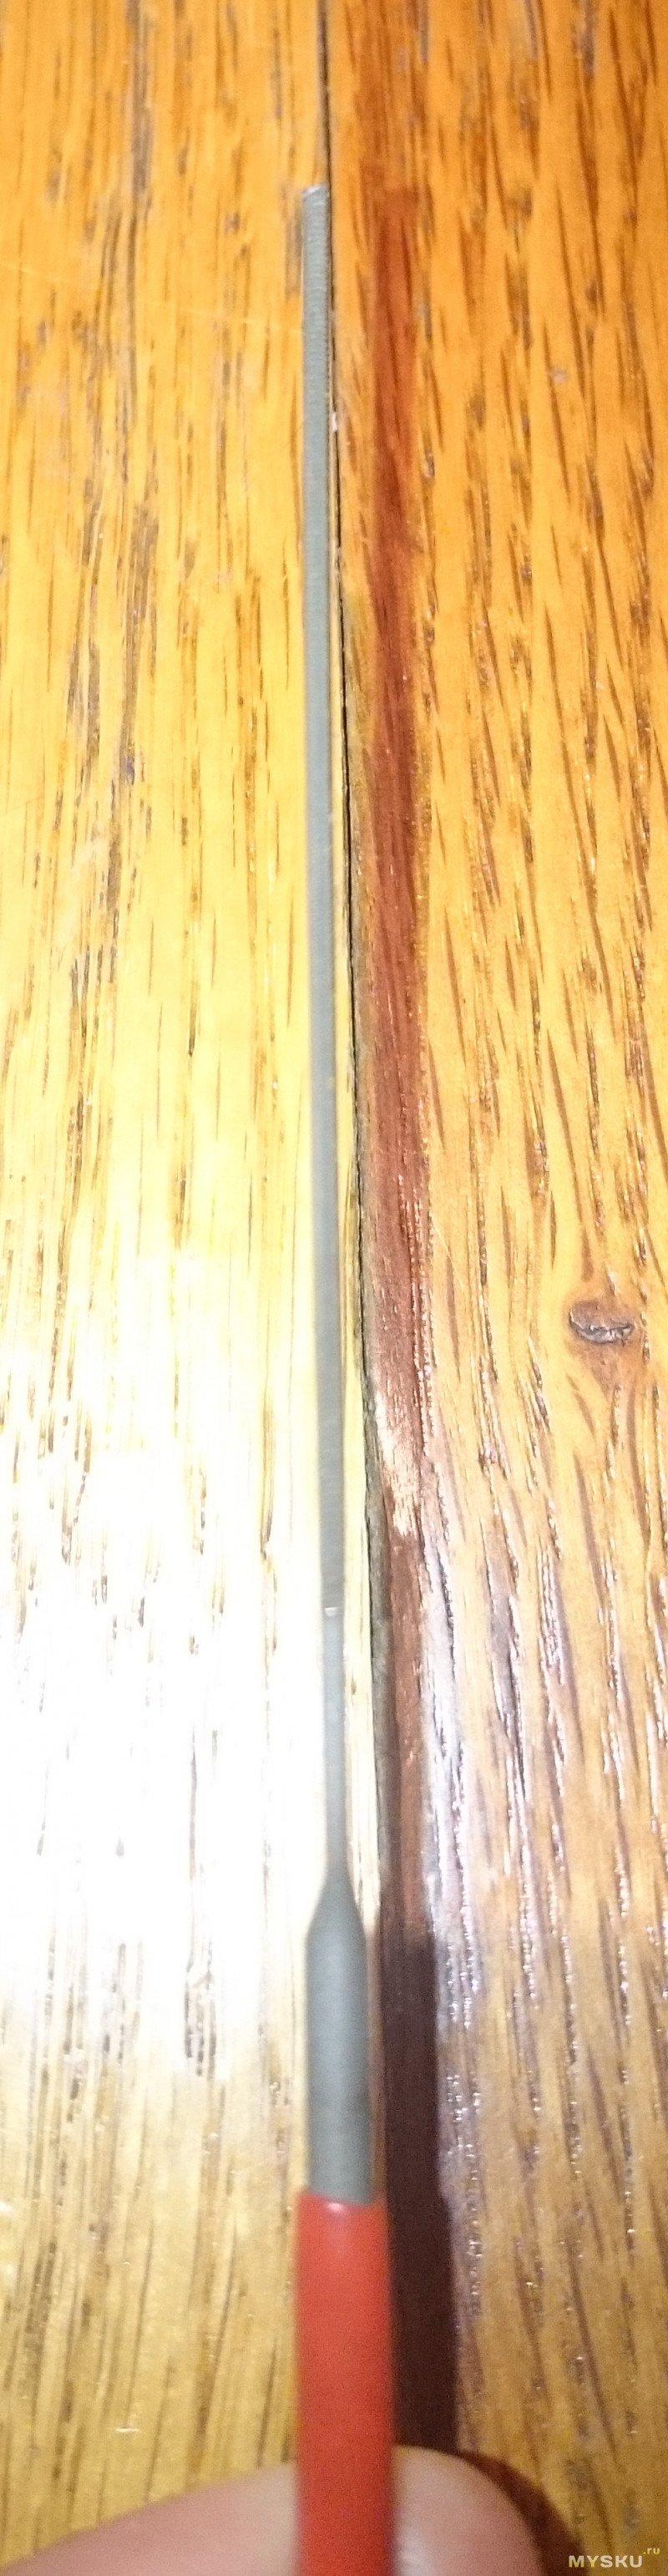 Обзор и сравнение надфилей